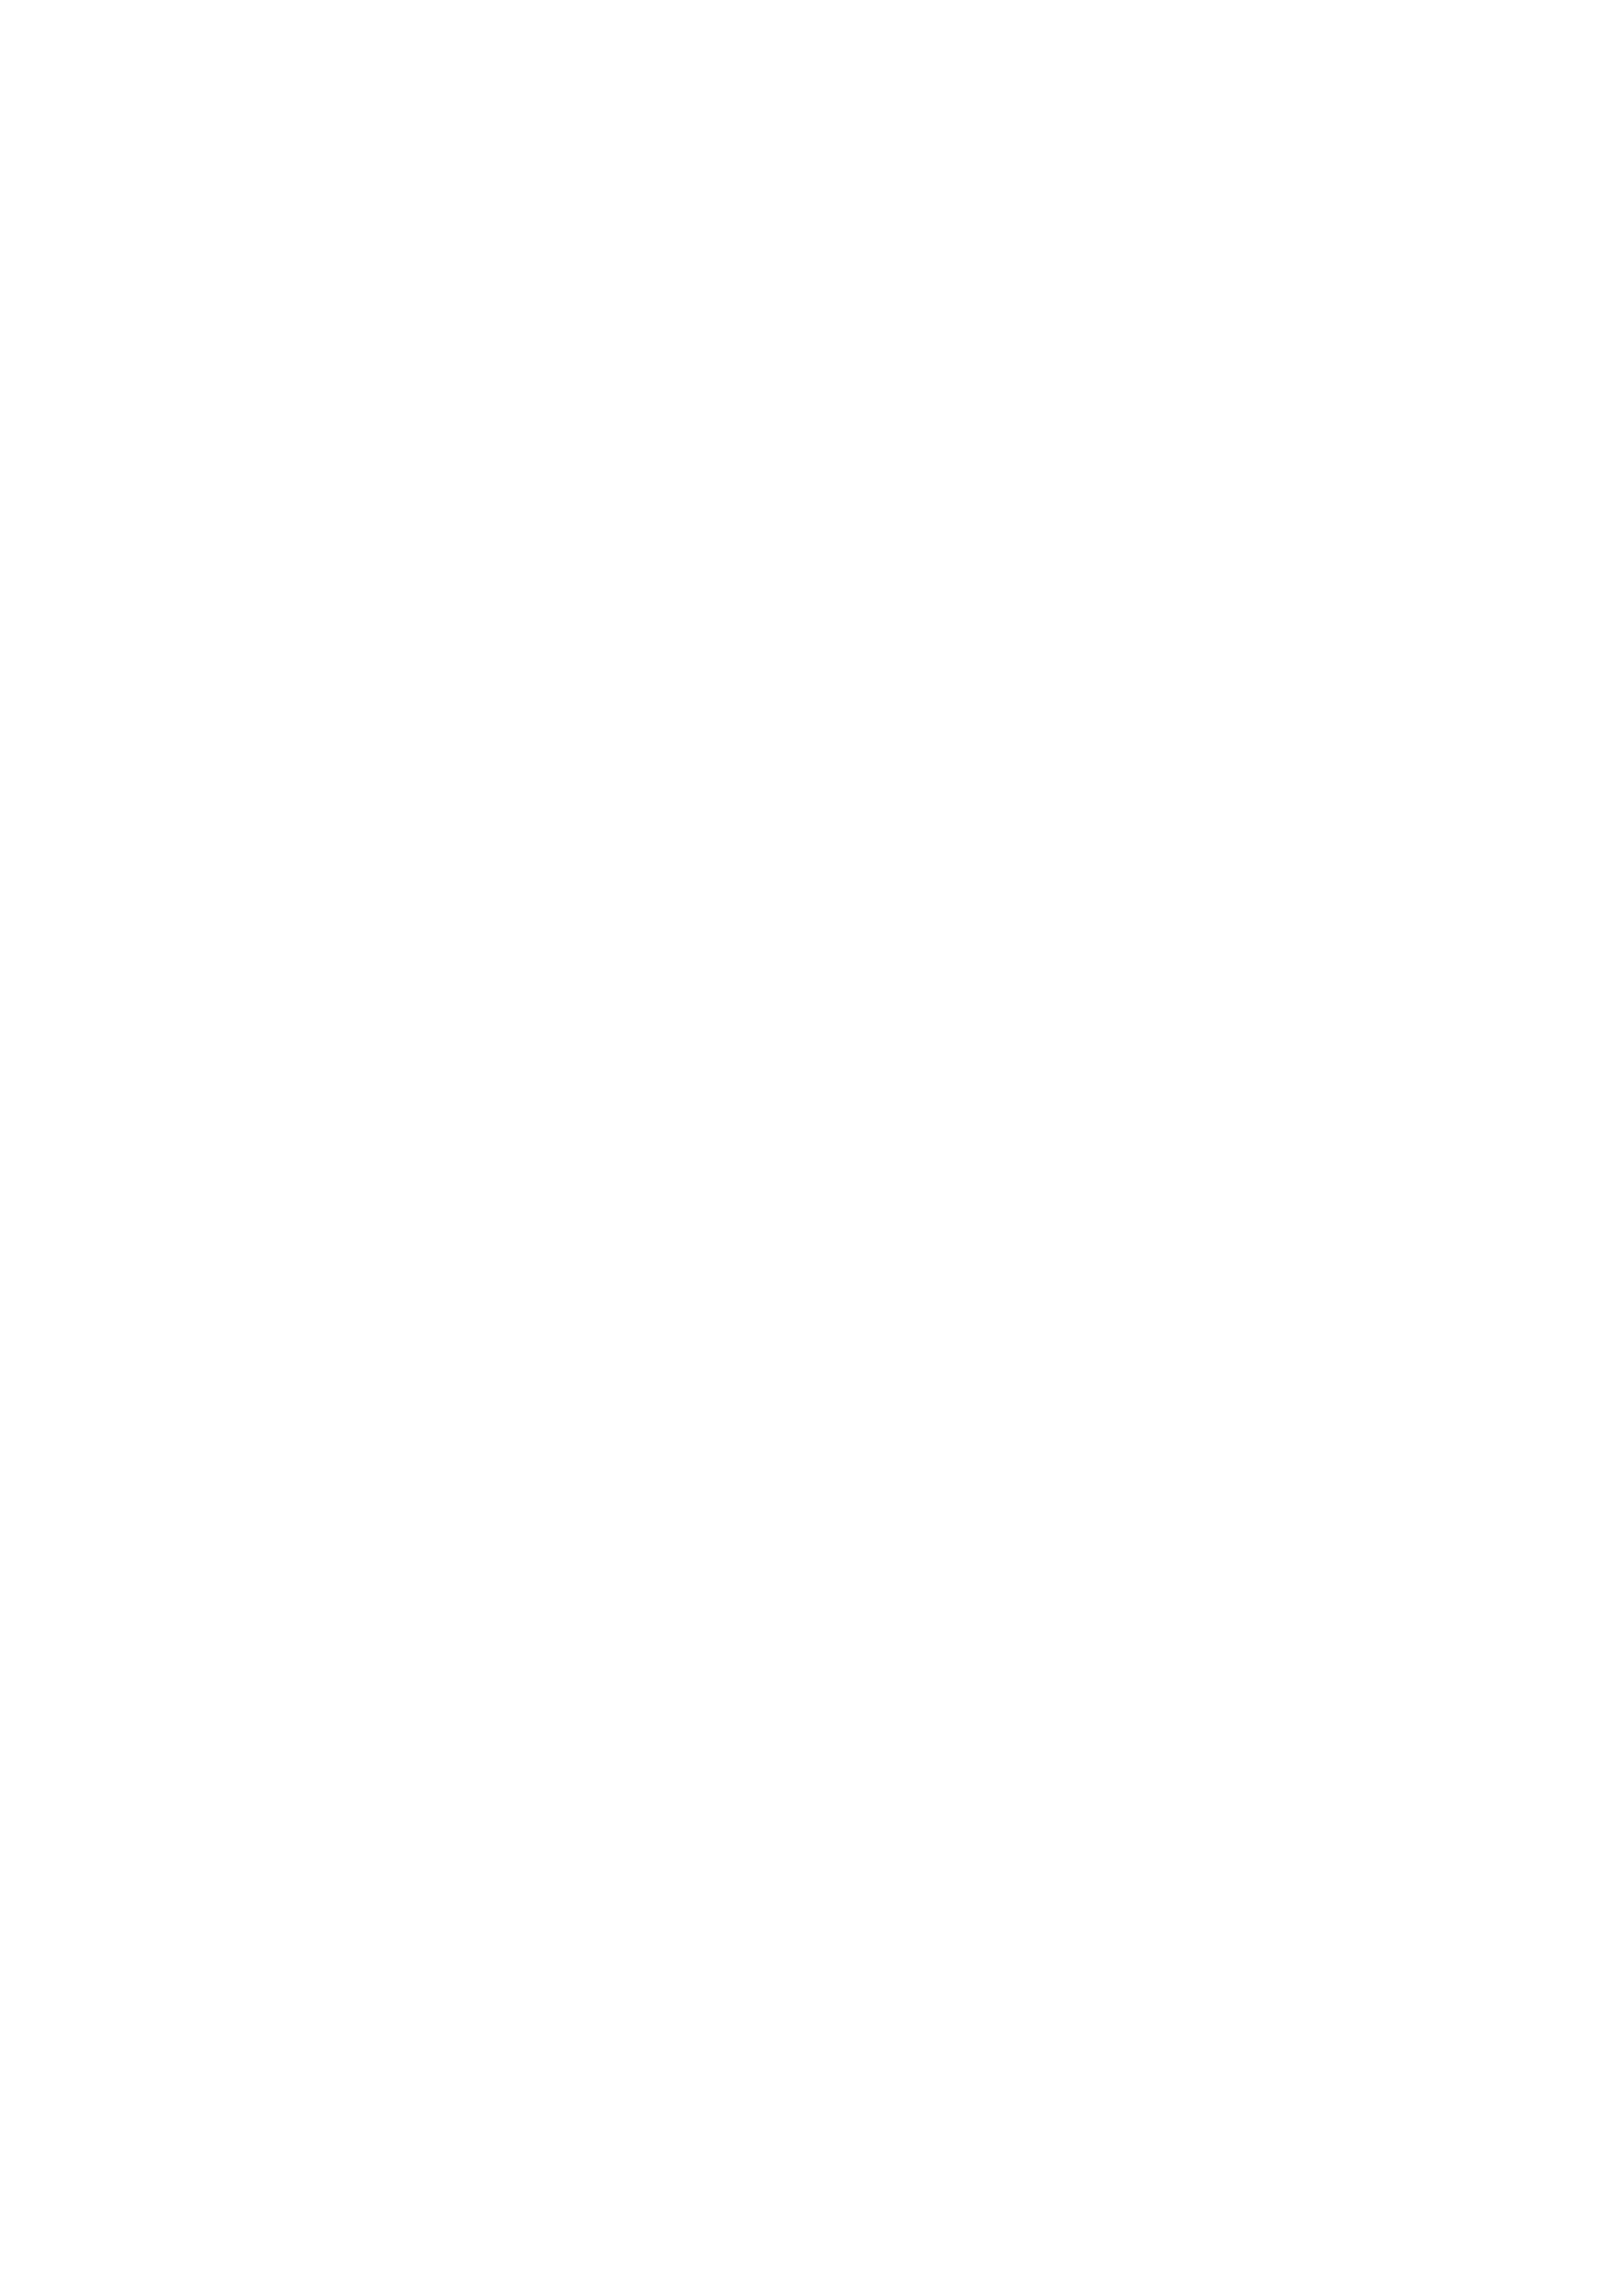 初夏の散歩道/柚葉 レーベルショップ秋葉原ラジオ会館オープン6周年記念モデル